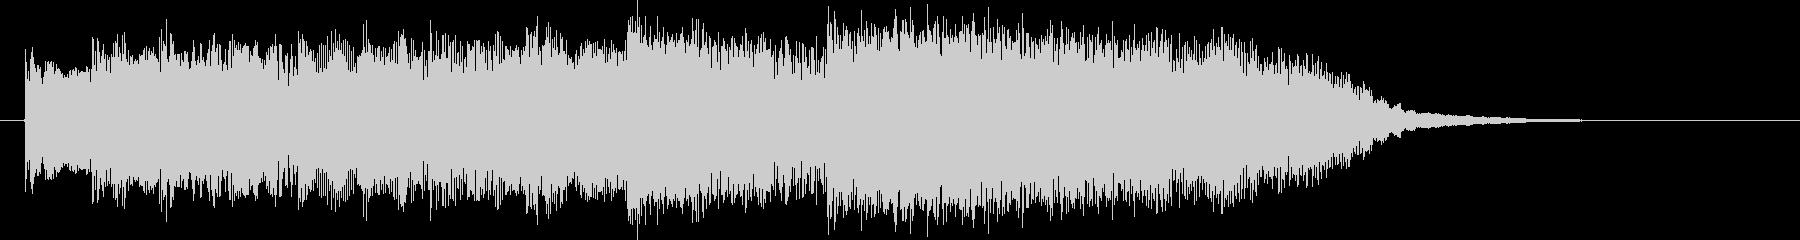 電子音メロディアスの未再生の波形